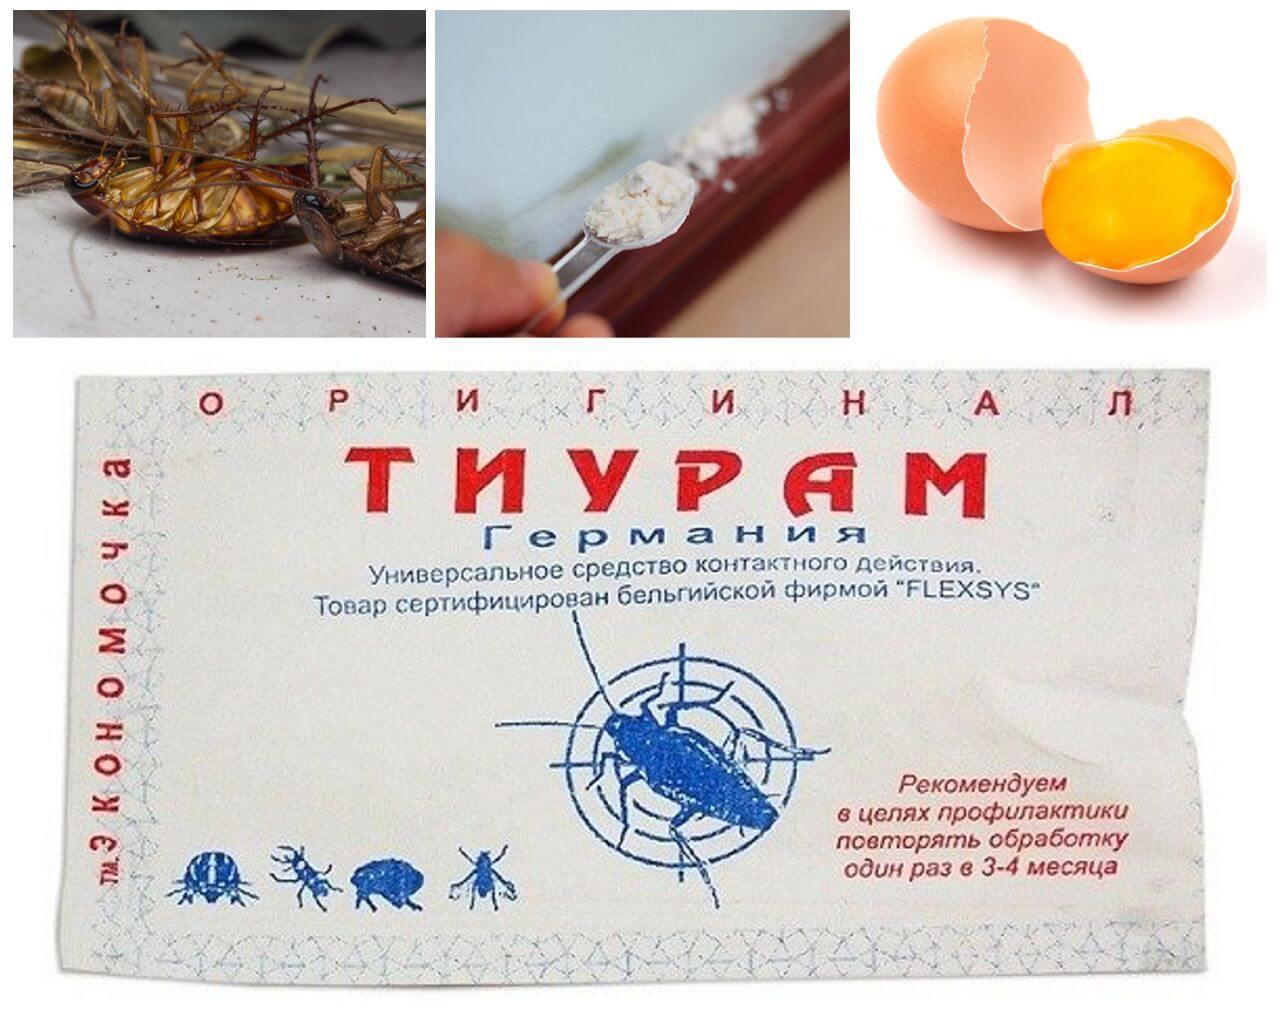 Тиурам - «старый» и «новый»: стоит ли и как применять от тараканов и других насекомых